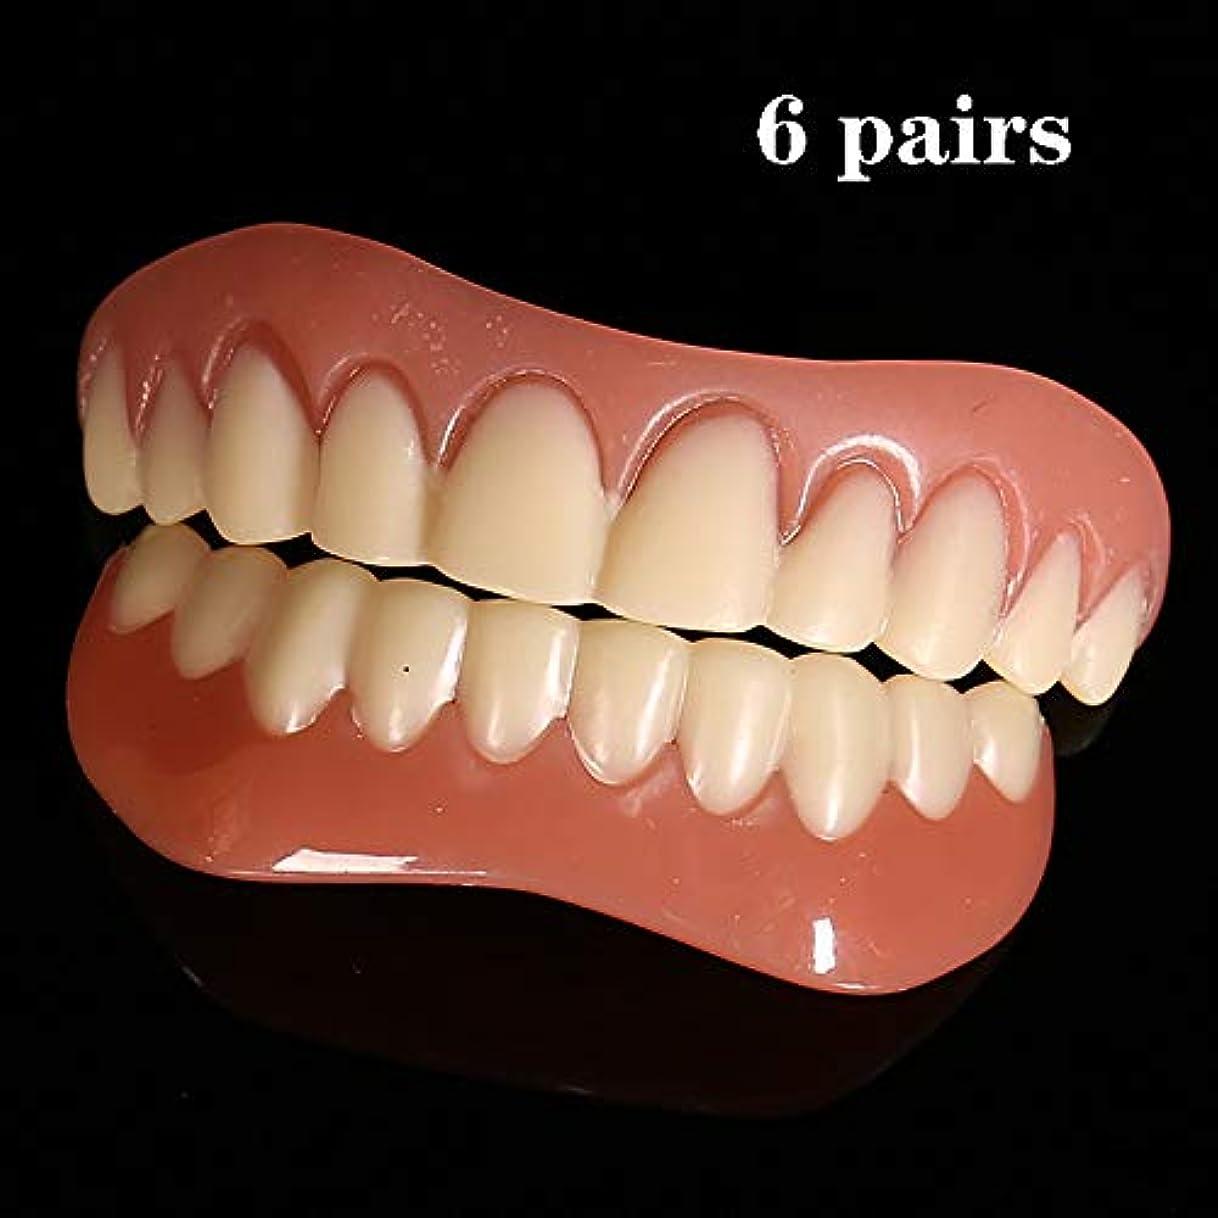 雑種動かすカフェ歯突き板化粧品歯スナップオンセキュア6ペア上下の快適さフィット歯突き板安全インスタントスマイル化粧品ワンサイズ